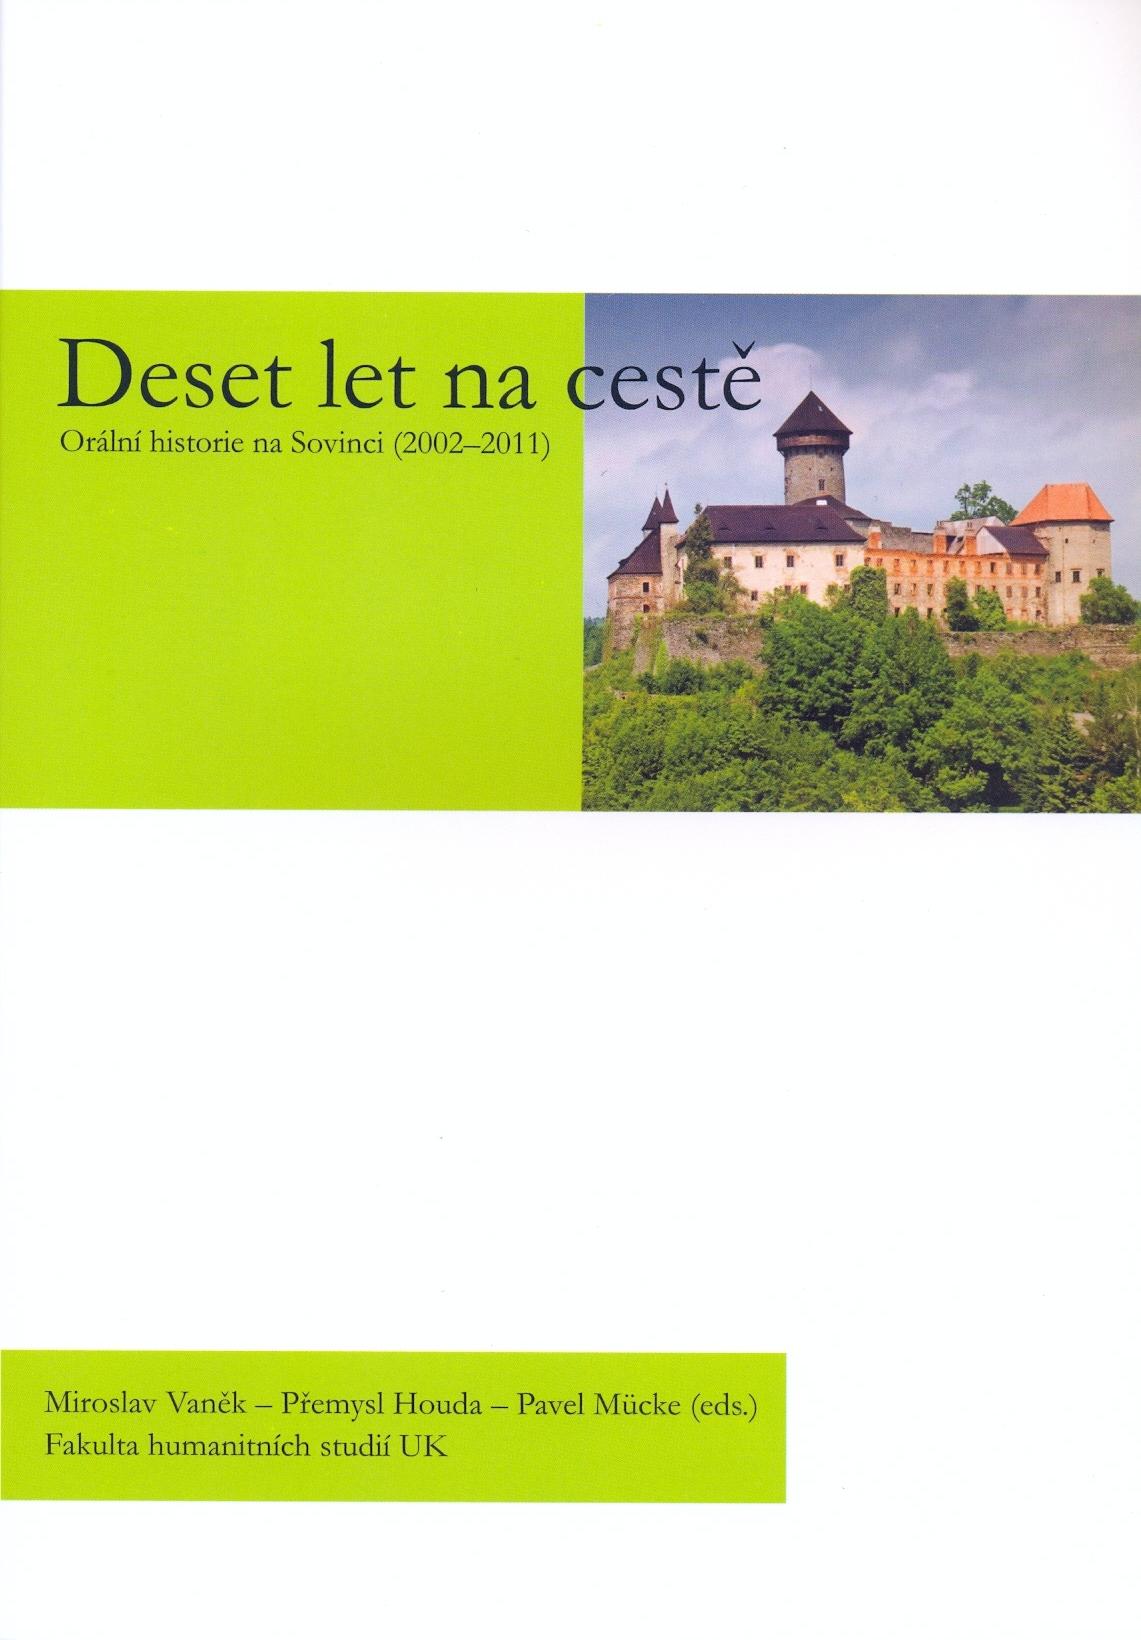 Miroslav VANĚK - Přemysl HOUDA - Pavel MÜCKE, Deset let na cestě. Orální historie na Sovinci (2002 - 2011)